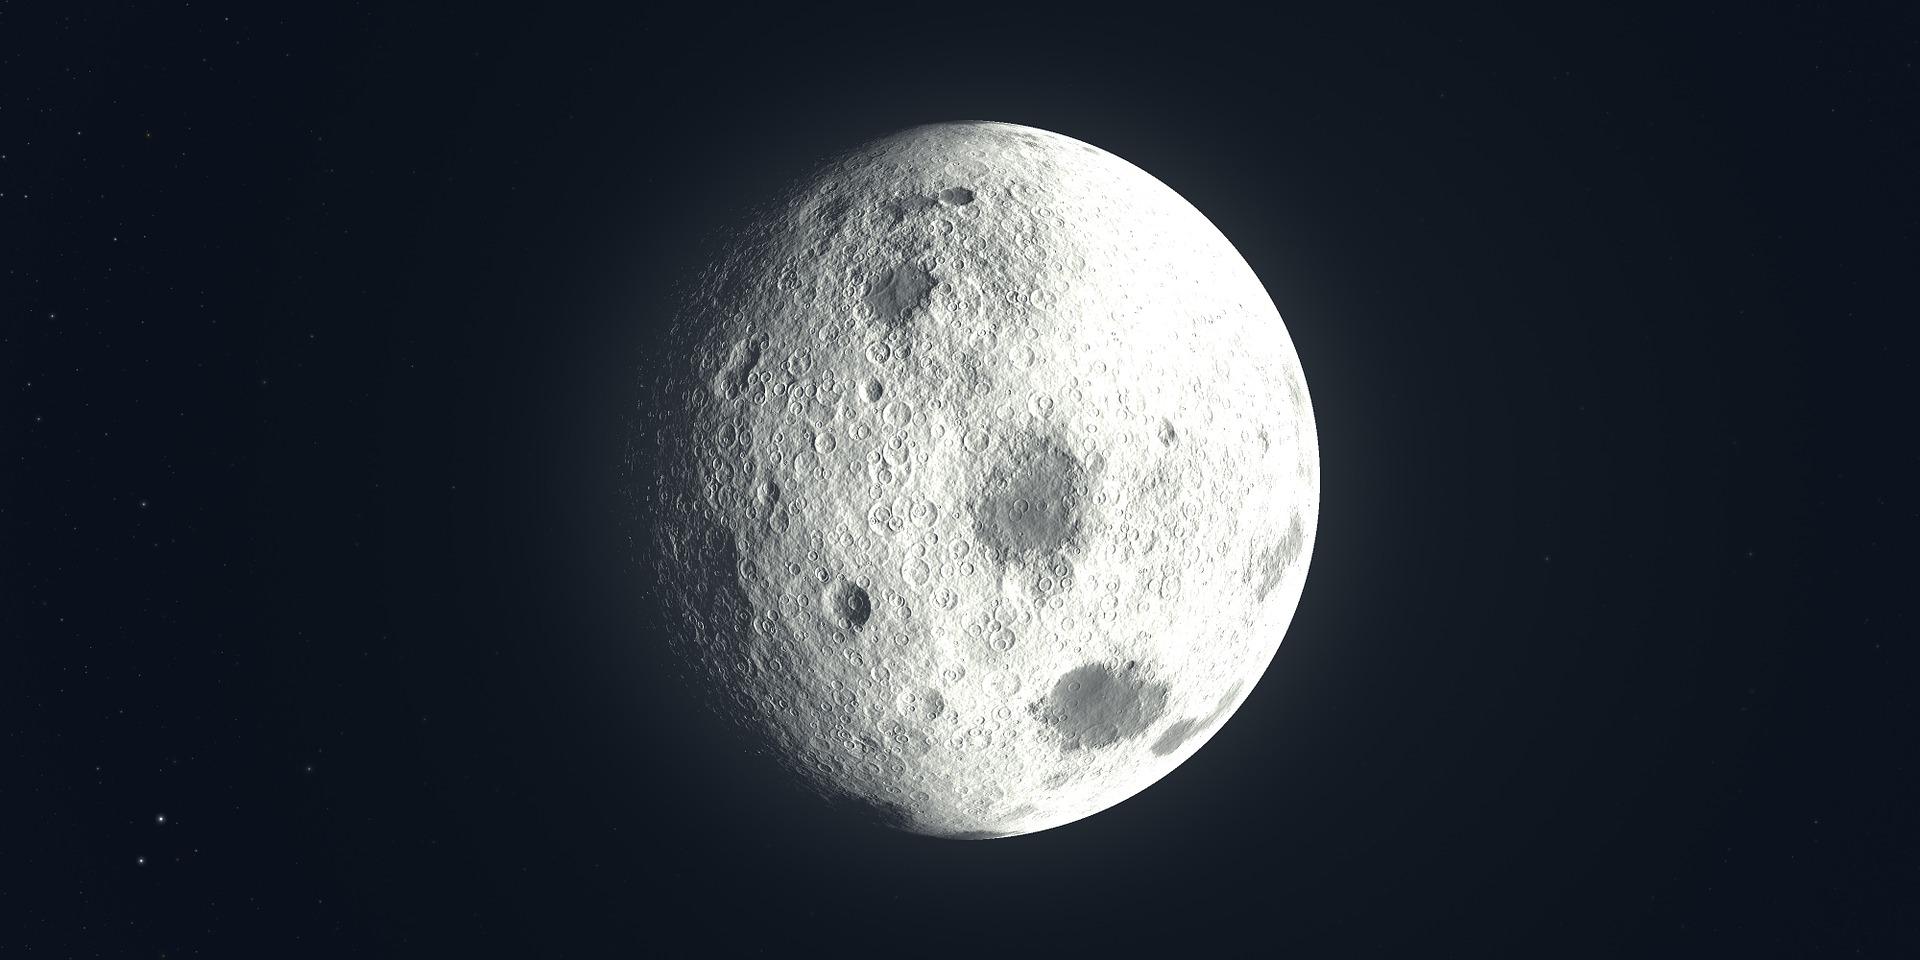 月亮, 卫星, 空间, 宇宙, 天文学 - 高清壁纸 - 教授-falken.com